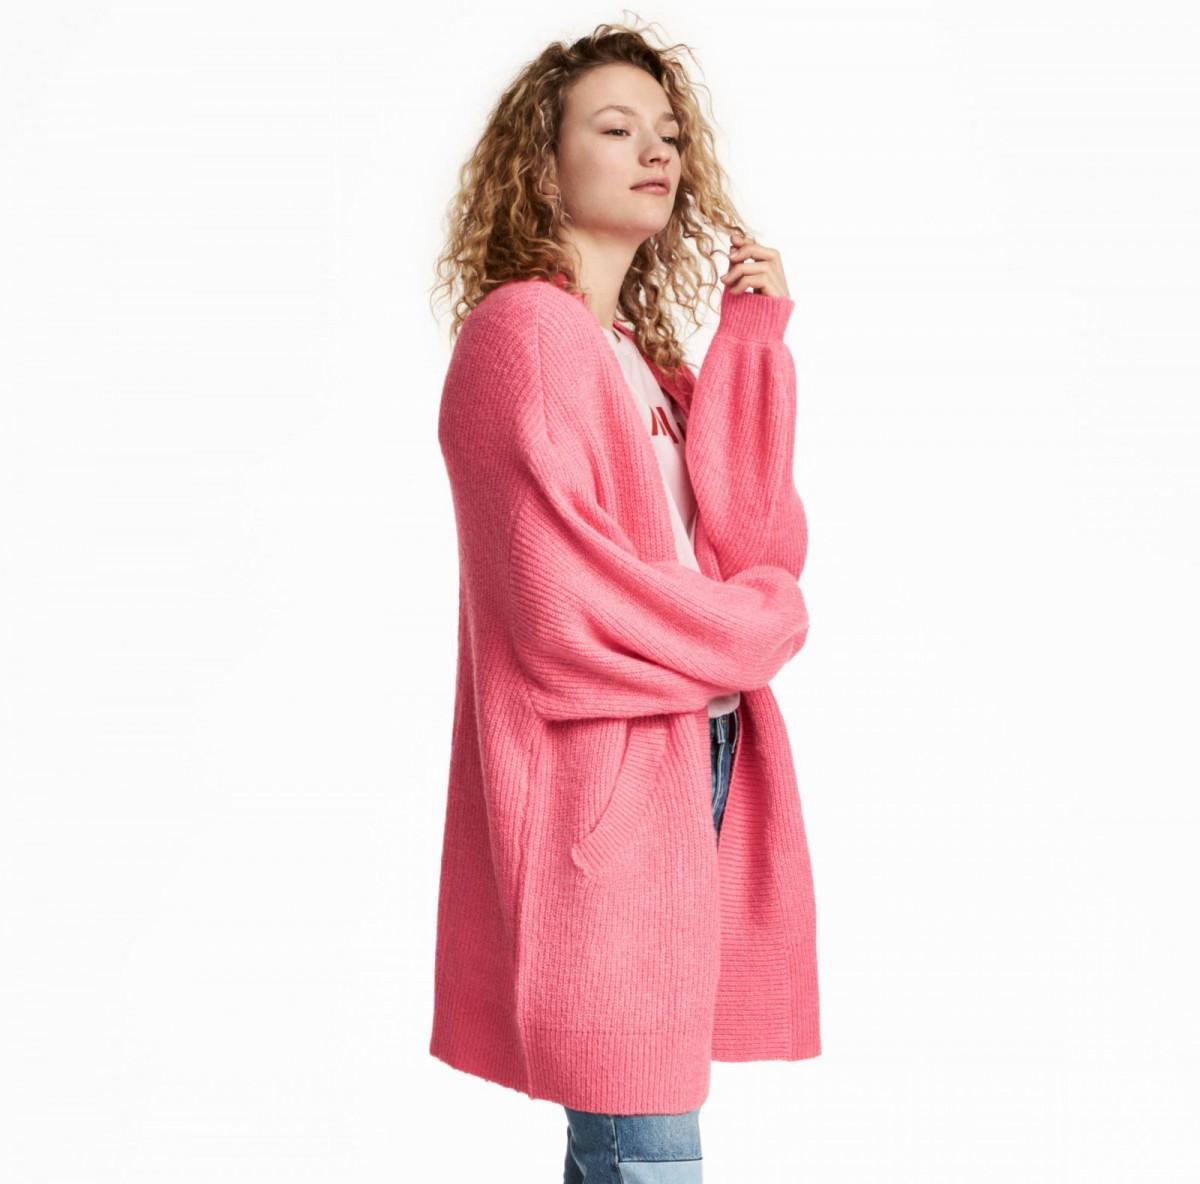 Cárdigan de punto de color rosa de H&M, por 34,99 euros